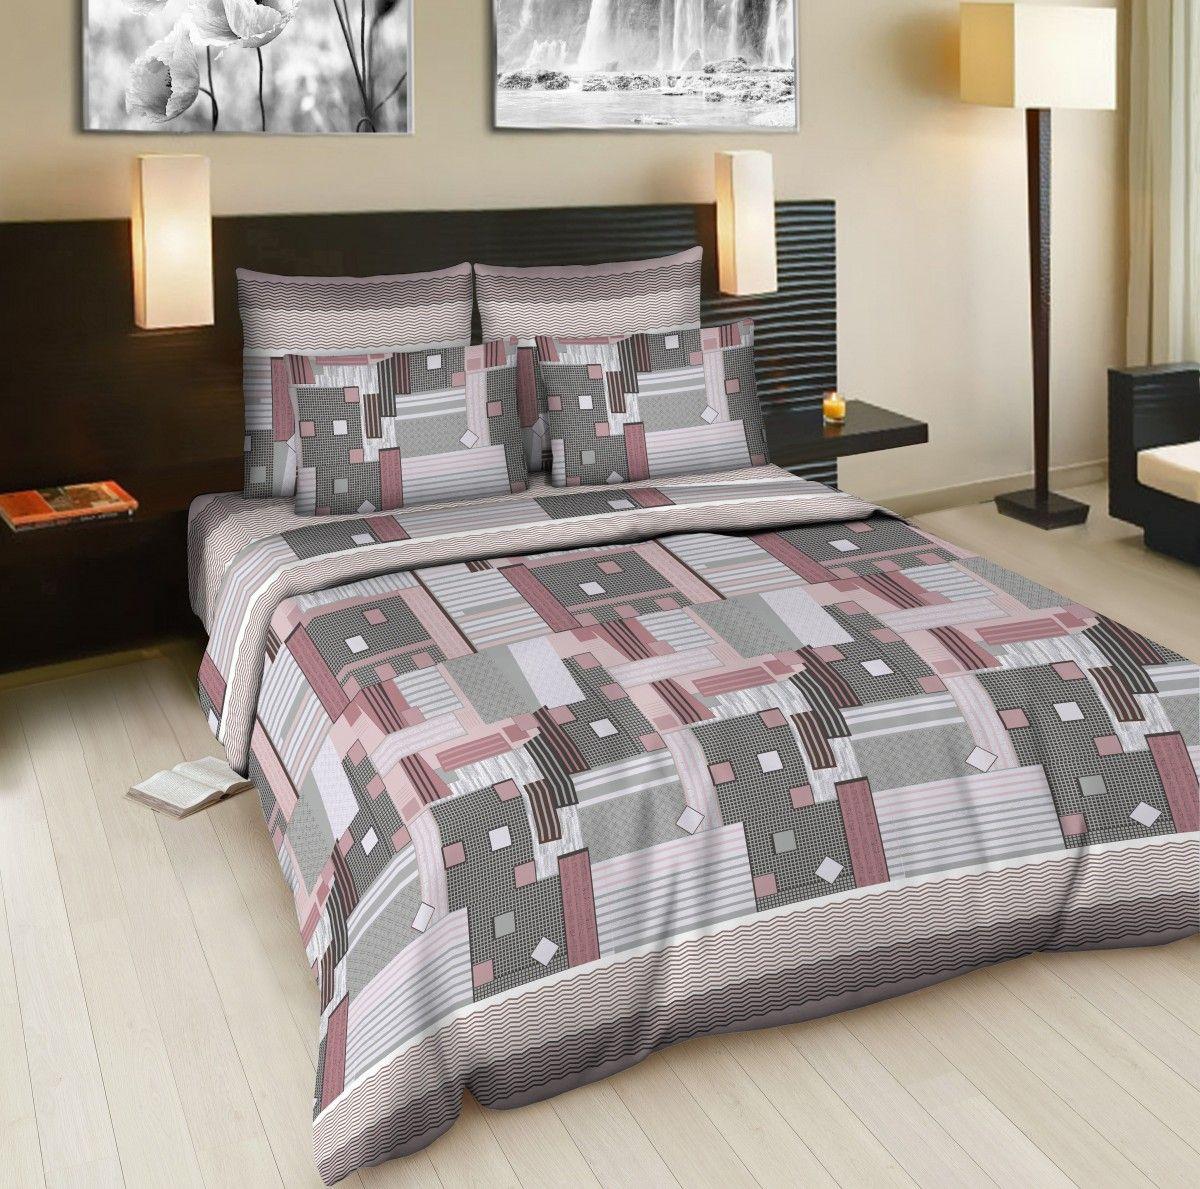 Комплект белья Amore Mio Window, 2-спальный, наволочки 70x70, цвет: серый, розовый83334Комплект постельного белья Amore Mio Window является экологически безопасным для всейсемьи, так как выполнен из бязи (100% хлопок). Комплект состоит из пододеяльника, простыни идвух наволочек. Постельное белье оформлено оригинальным рисунком и имеет изысканныйвнешний вид.Легкая, плотная, мягкая ткань отлично стирается, гладится, быстро сохнет. Рекомендации по уходу: Химчистка и отбеливание запрещены.Рекомендуется стиркав прохладной воде при температуре не выше 40°С.